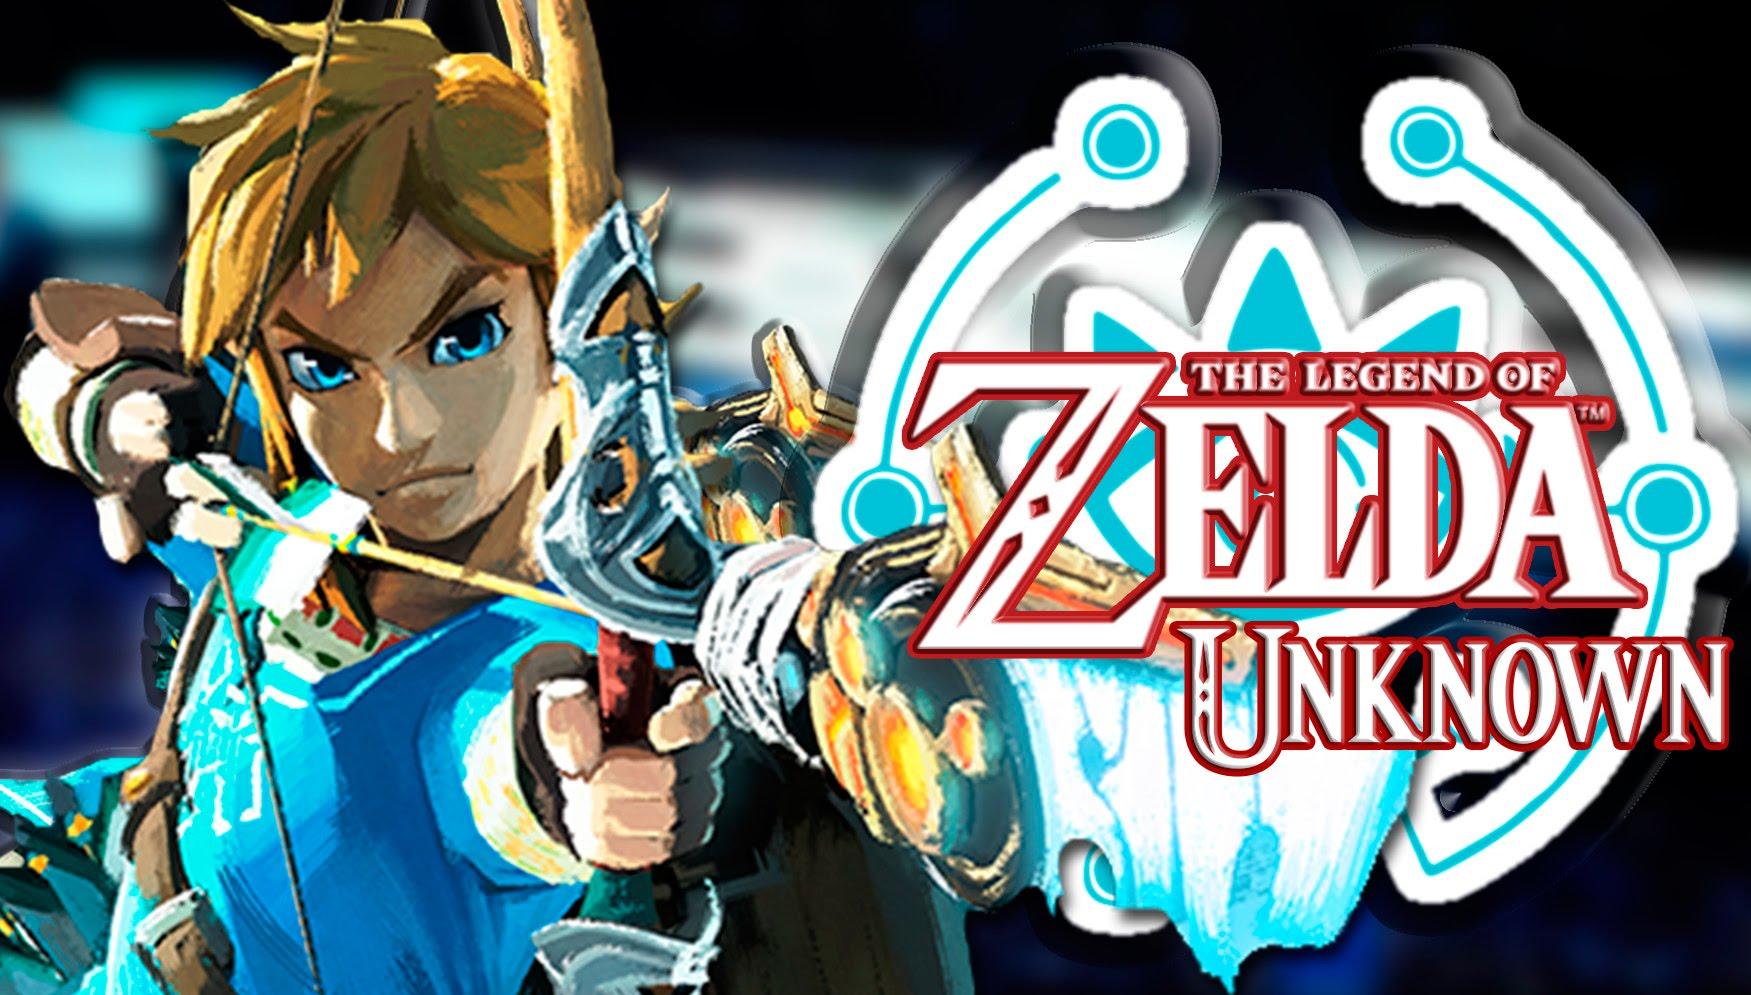 Những sự kiện quan trọng sẽ diễn ra tại E3 2016